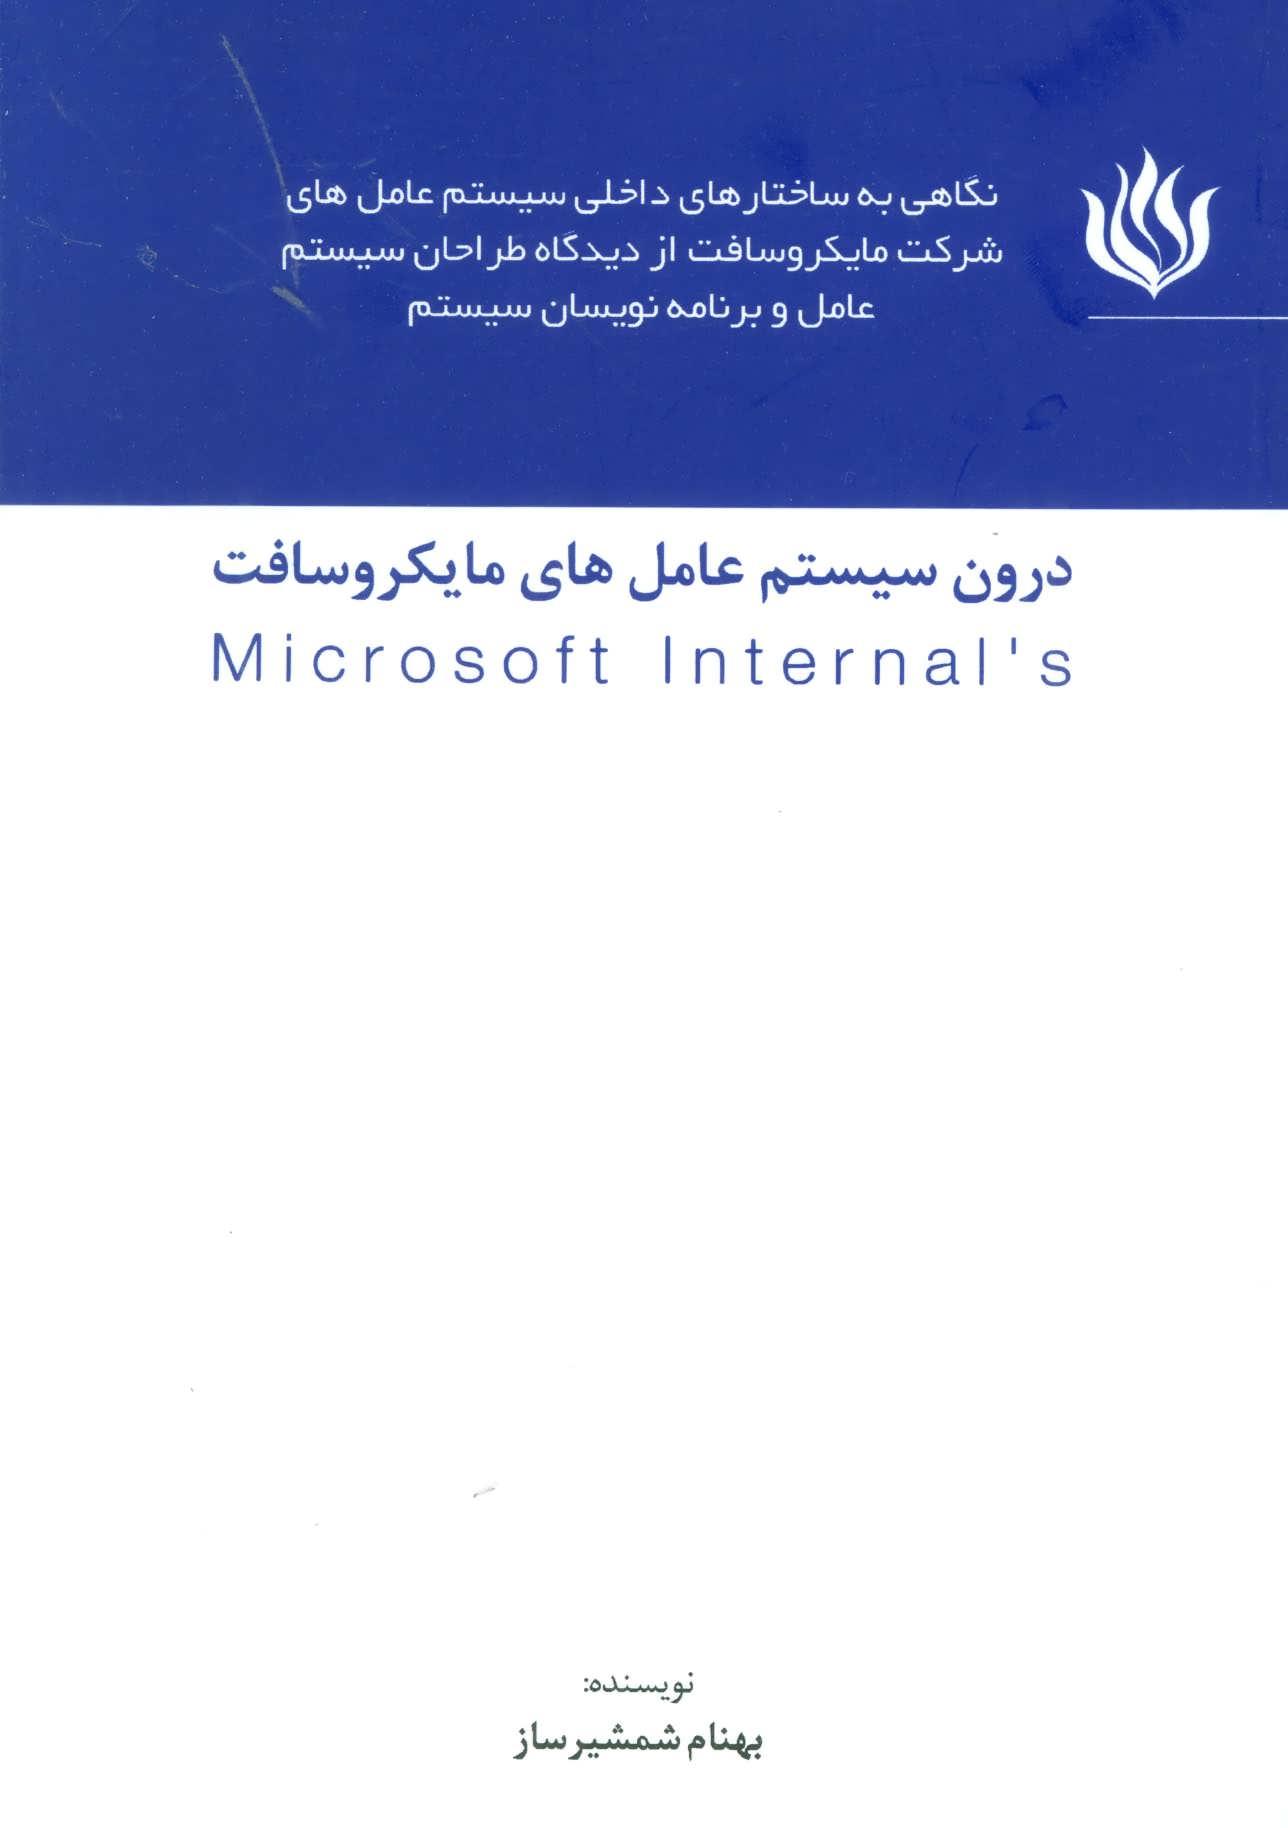 درون سیستم عامل های مایکروسافت (MICROSOFT INTERNALS)